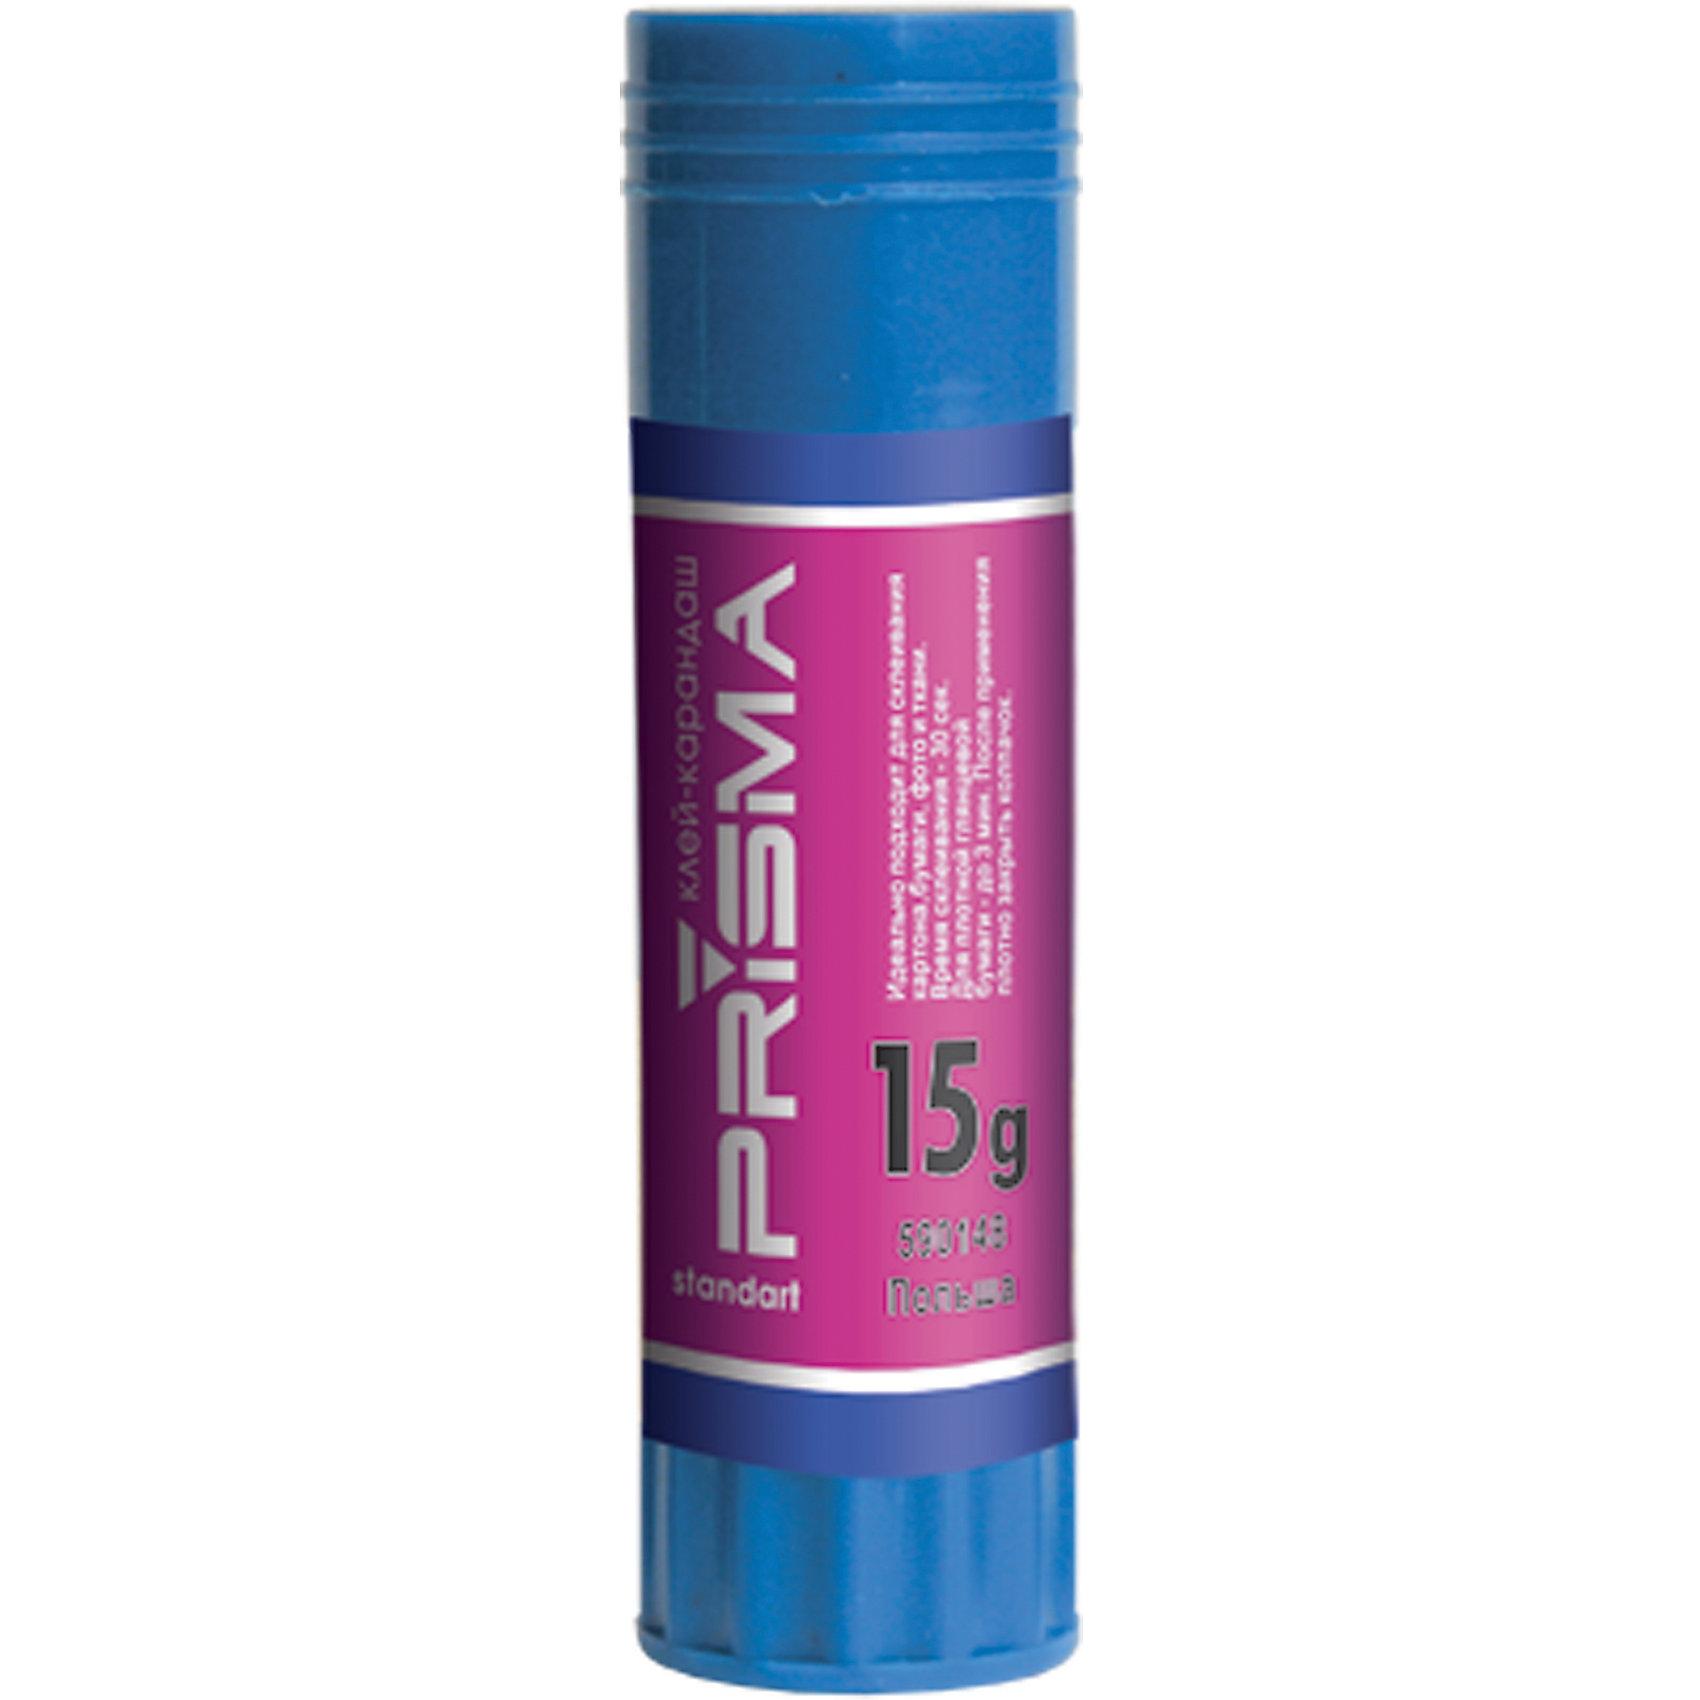 Клей-карандаш Prisma, 15 гр.Клей-карандаш Prisma предназначен для склеивания картона 330г., бумаги любой плотности, фото и ткани. Основа клея обладает мягкой структурой и содержит глицерин для легкого скольжения. Легко смывается водой и отстирывается, не имеет запаха. Простой и удобный механизм, расположенный в основании стержня, позволяет легко выкрутить и закрутить столбик клея. Вес - 15г. Не содержит цветовых пигментов (бесцветный). Нетоксичен и экологичен. Суперпрочное склеивание. Время склеивания  - 30 секунд, для глянцевой бумаги - до 3-х минут.<br><br>Ширина мм: 90<br>Глубина мм: 200<br>Высота мм: 20<br>Вес г: 31<br>Возраст от месяцев: 48<br>Возраст до месяцев: 2147483647<br>Пол: Унисекс<br>Возраст: Детский<br>SKU: 5475530